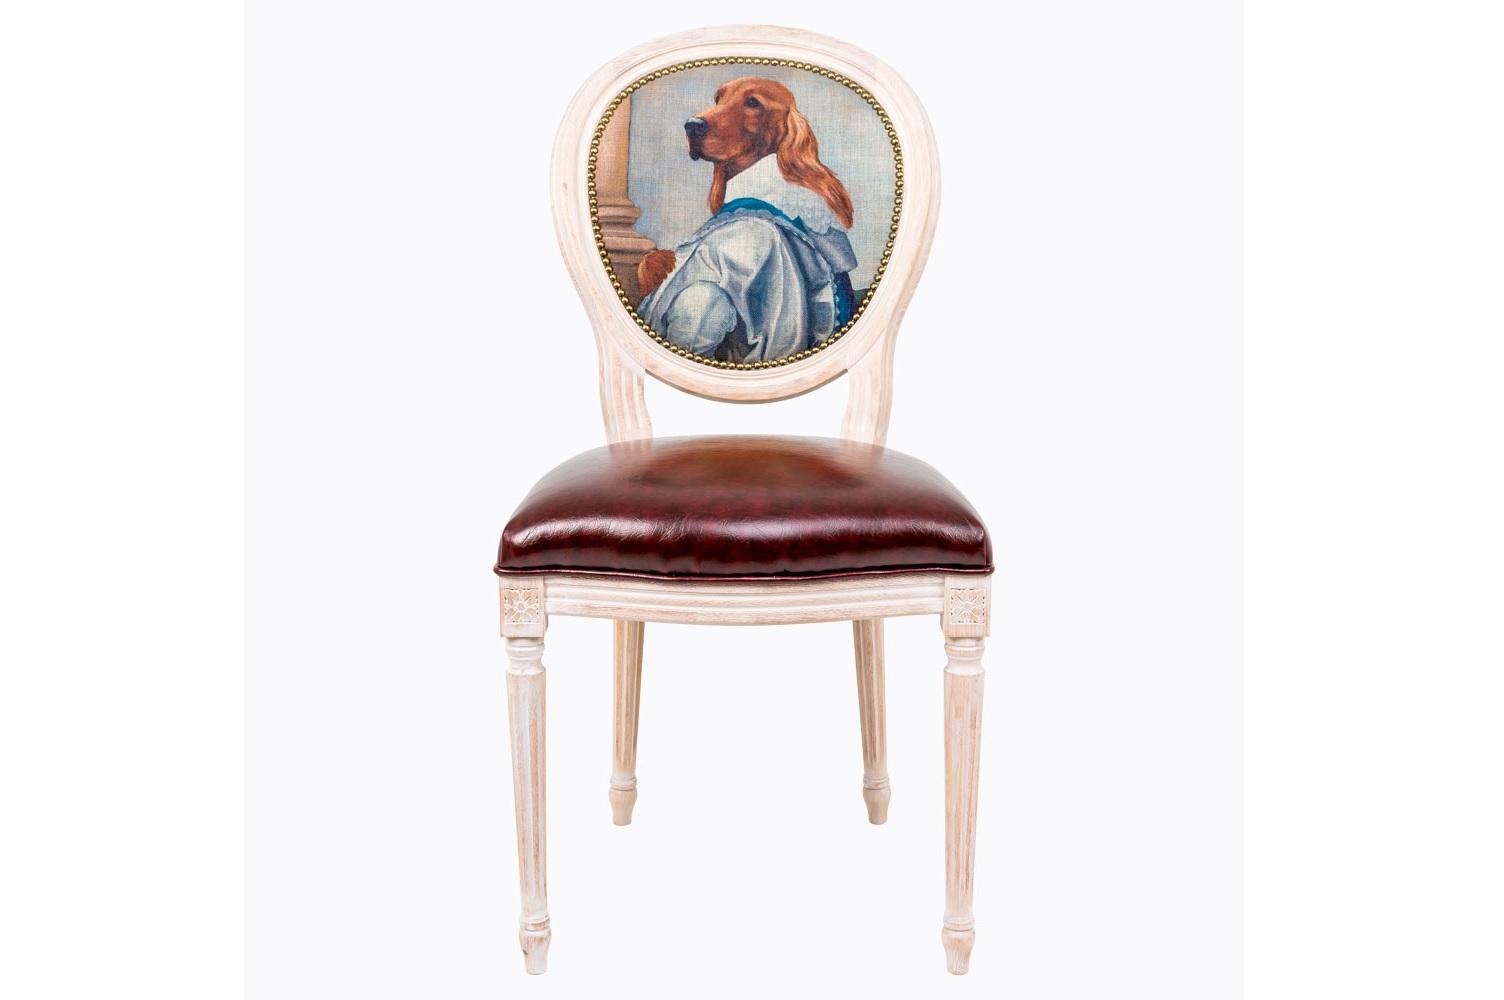 Стул Музейный экспонат, версия 8Обеденные стулья<br>Стулья серии &amp;quot;Музейный экспонат&amp;quot; имитируют дворцовую эпоху Луи-Филиппа, предпочитающую благородные лаконичные формы, раскрашенные золотистыми анкерами и филигранной резьбой. Натуральное дерево и ручная работа одухотворяют предметы мебели, вносят эмоции тепла и персональной заботы. Стулья изготовлены из ядра натурального бука. Корпусы стульев серии &amp;quot;Музейный экспонат&amp;quot; выточены, брашированы и патинированы в Италии. Благородная фактура натурального дерева подчеркнута рукописной патиной. Обивка спинки оснащена тефлоновым покрытием против пятен.&amp;lt;div&amp;gt;&amp;lt;br&amp;gt;&amp;lt;/div&amp;gt;&amp;lt;div&amp;gt;Материал сидения - экокожа.&amp;lt;/div&amp;gt;<br><br>Material: Дерево<br>Ширина см: 50<br>Высота см: 98<br>Глубина см: 47